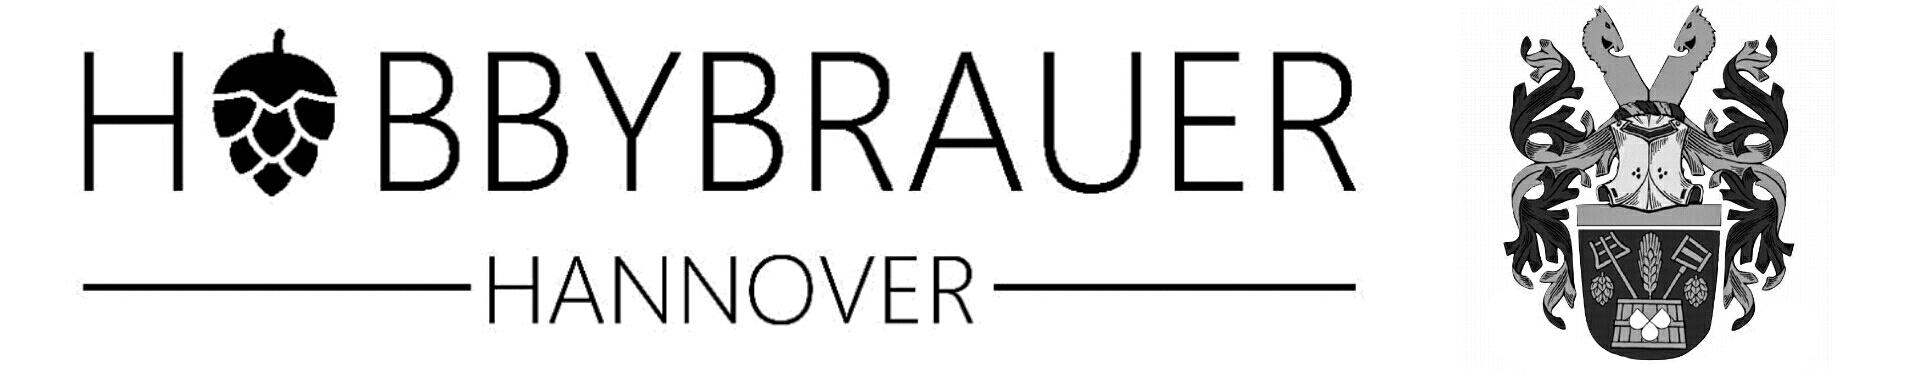 Website des Hobbybrauer Hannover e.V.